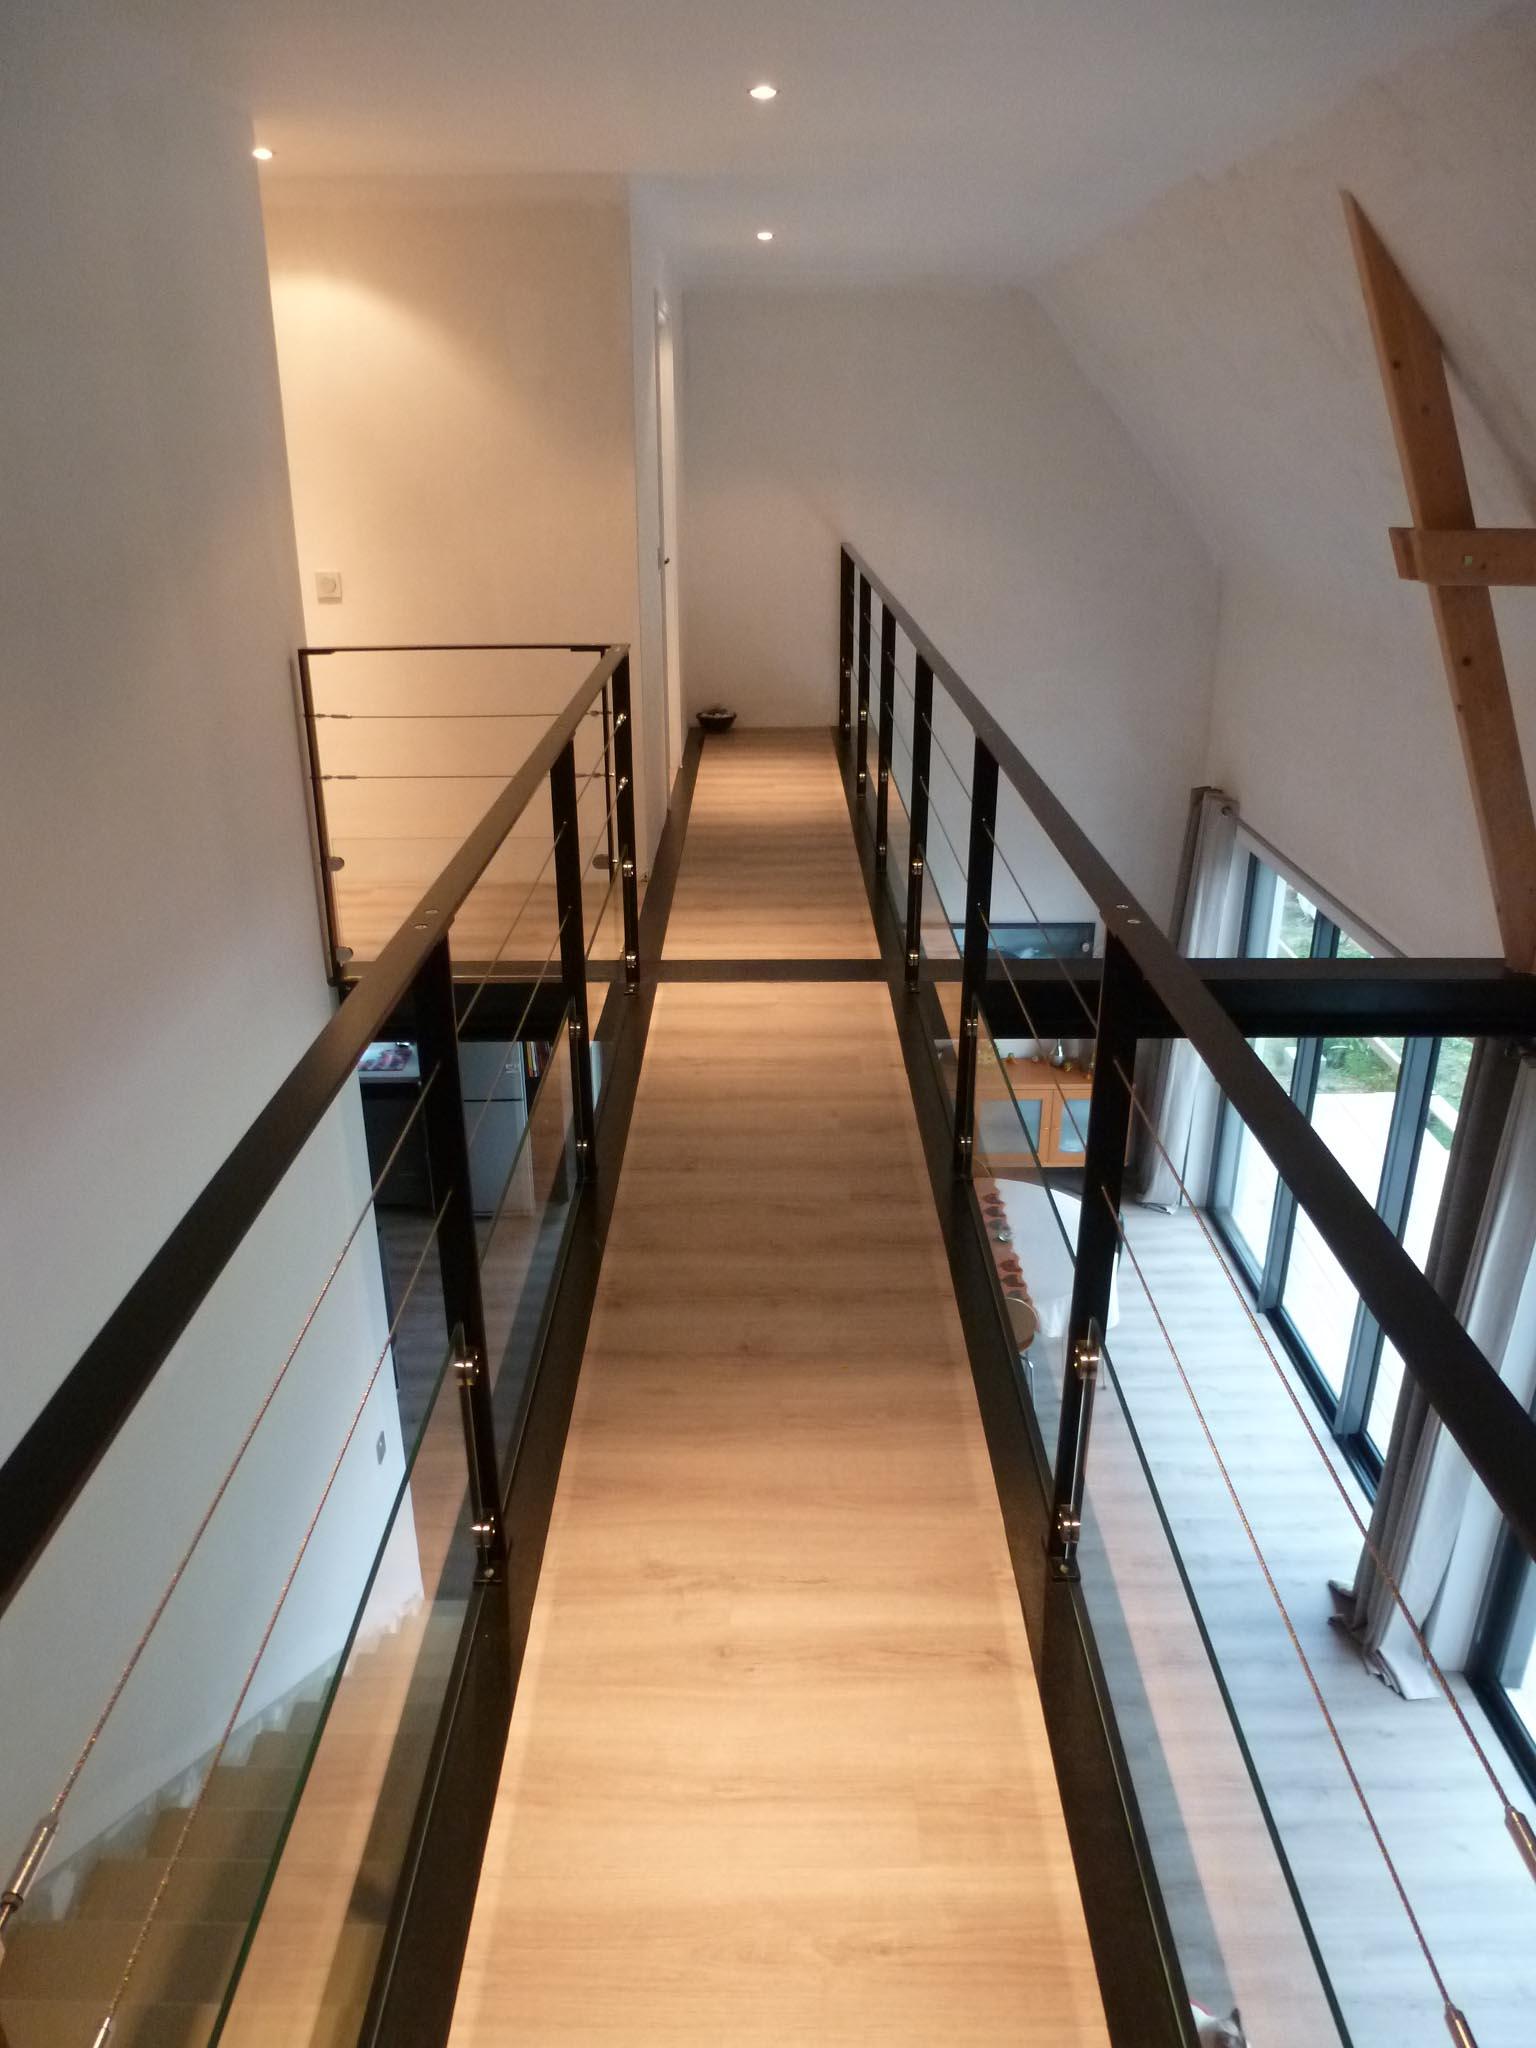 habitation st gildas couedel design herve couedel architecte d 39 interieur muzillac et sarzeau. Black Bedroom Furniture Sets. Home Design Ideas